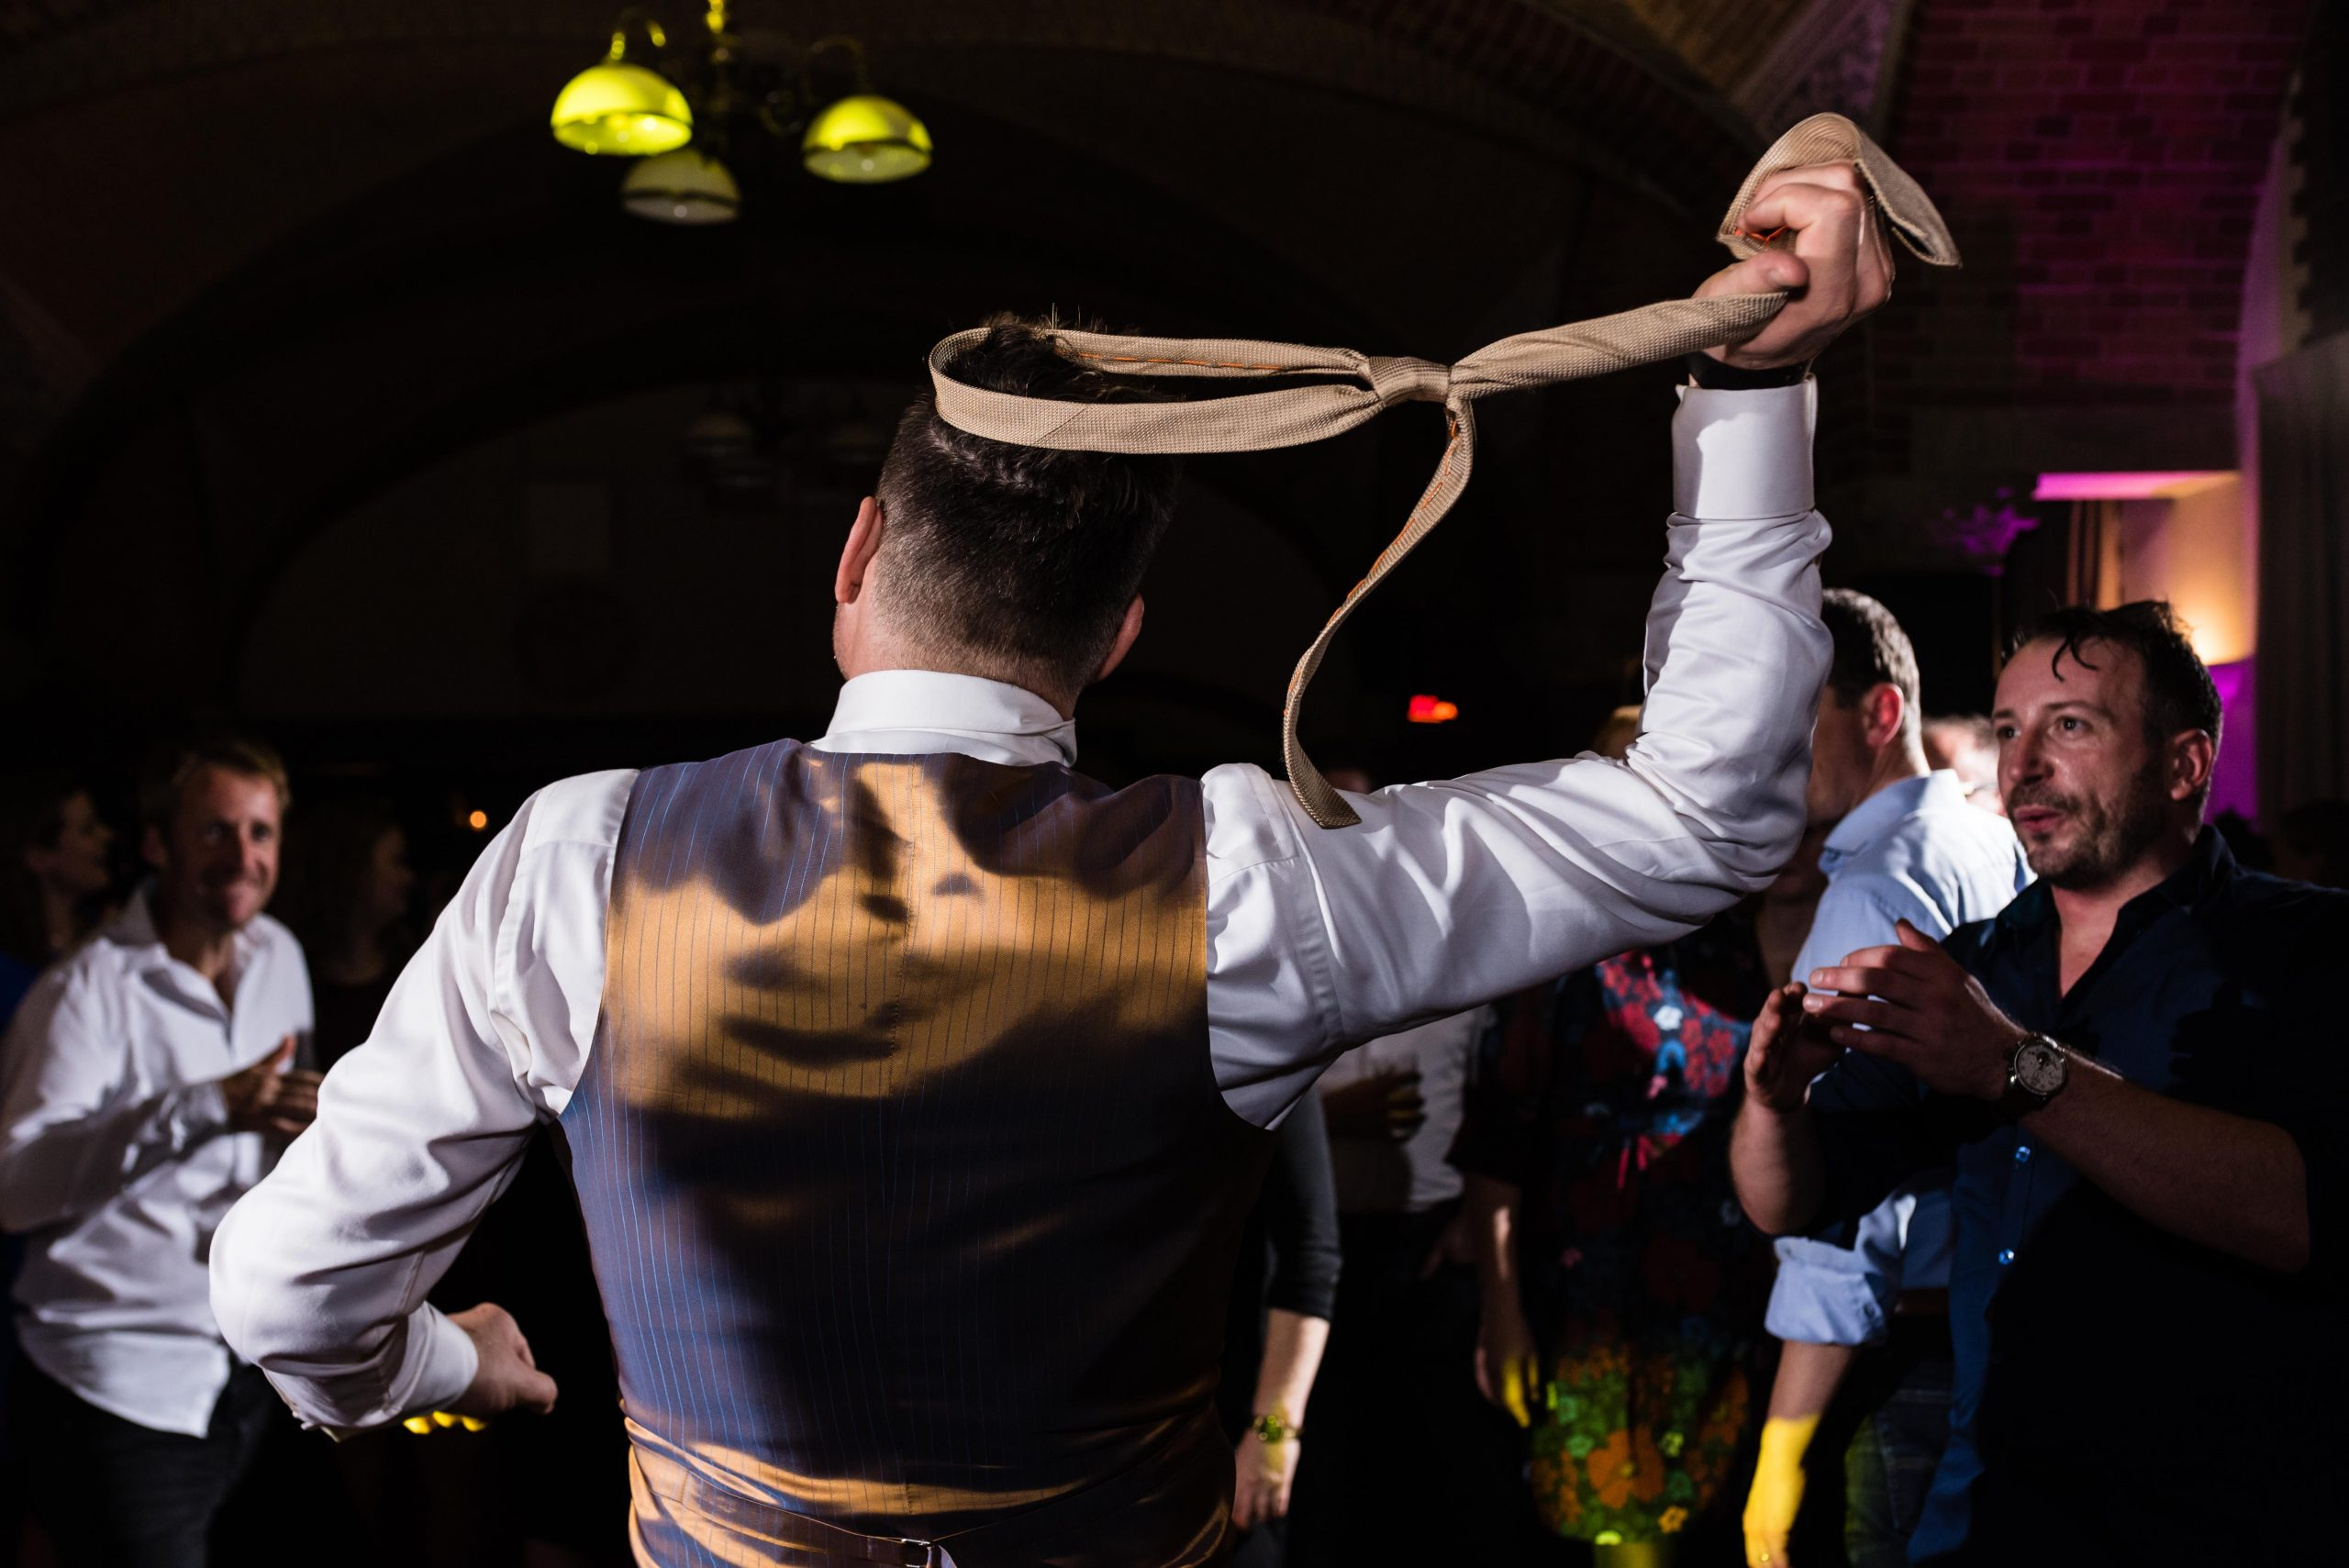 Bruidegom doet stropdas af tijdens het dansen.